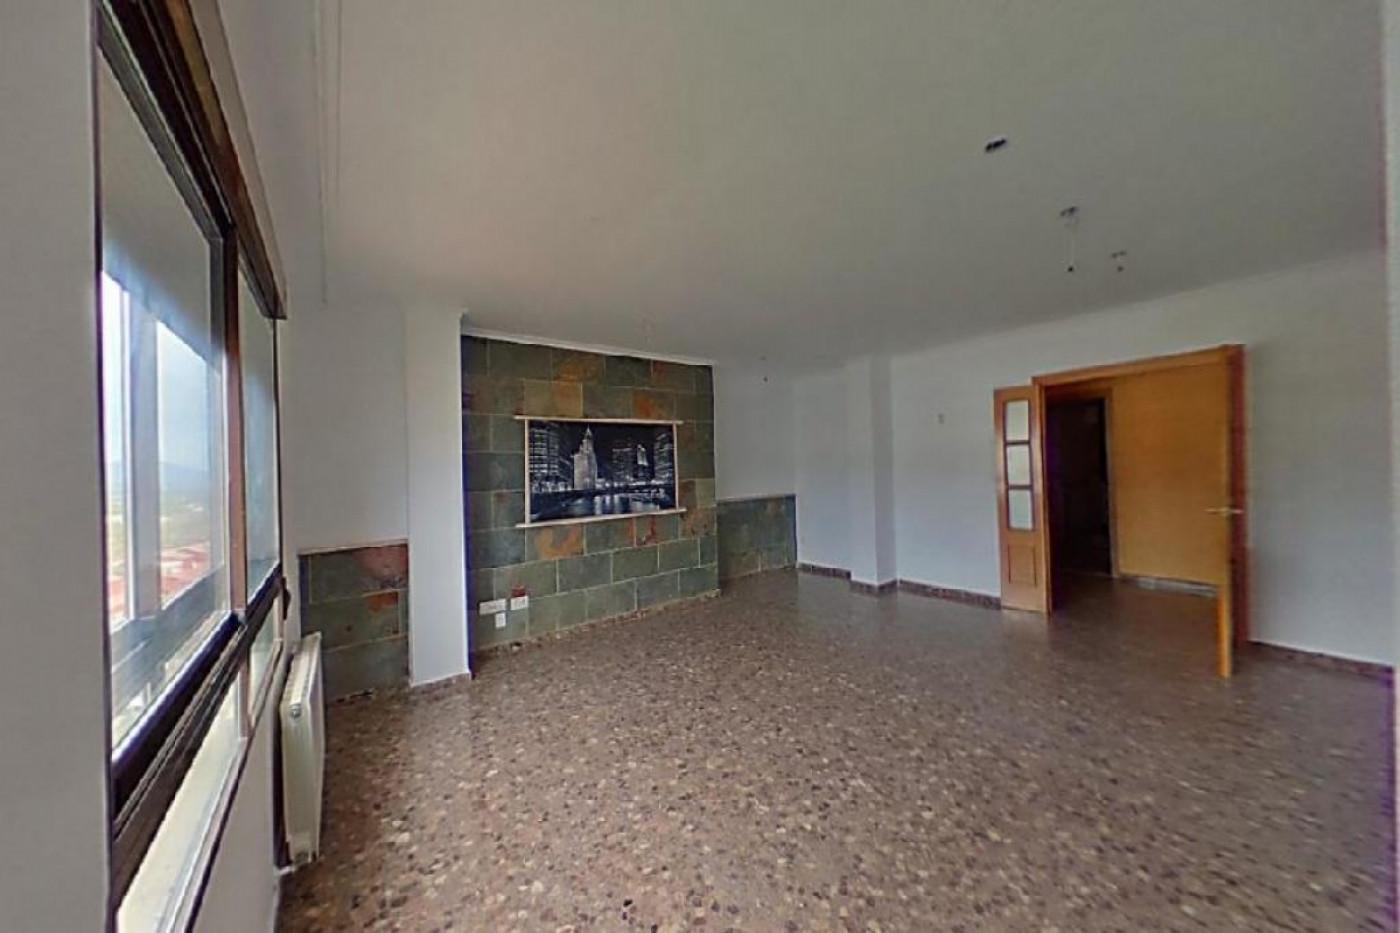 Apartamento, CENTRO, Venta - Castellón (Castellón)